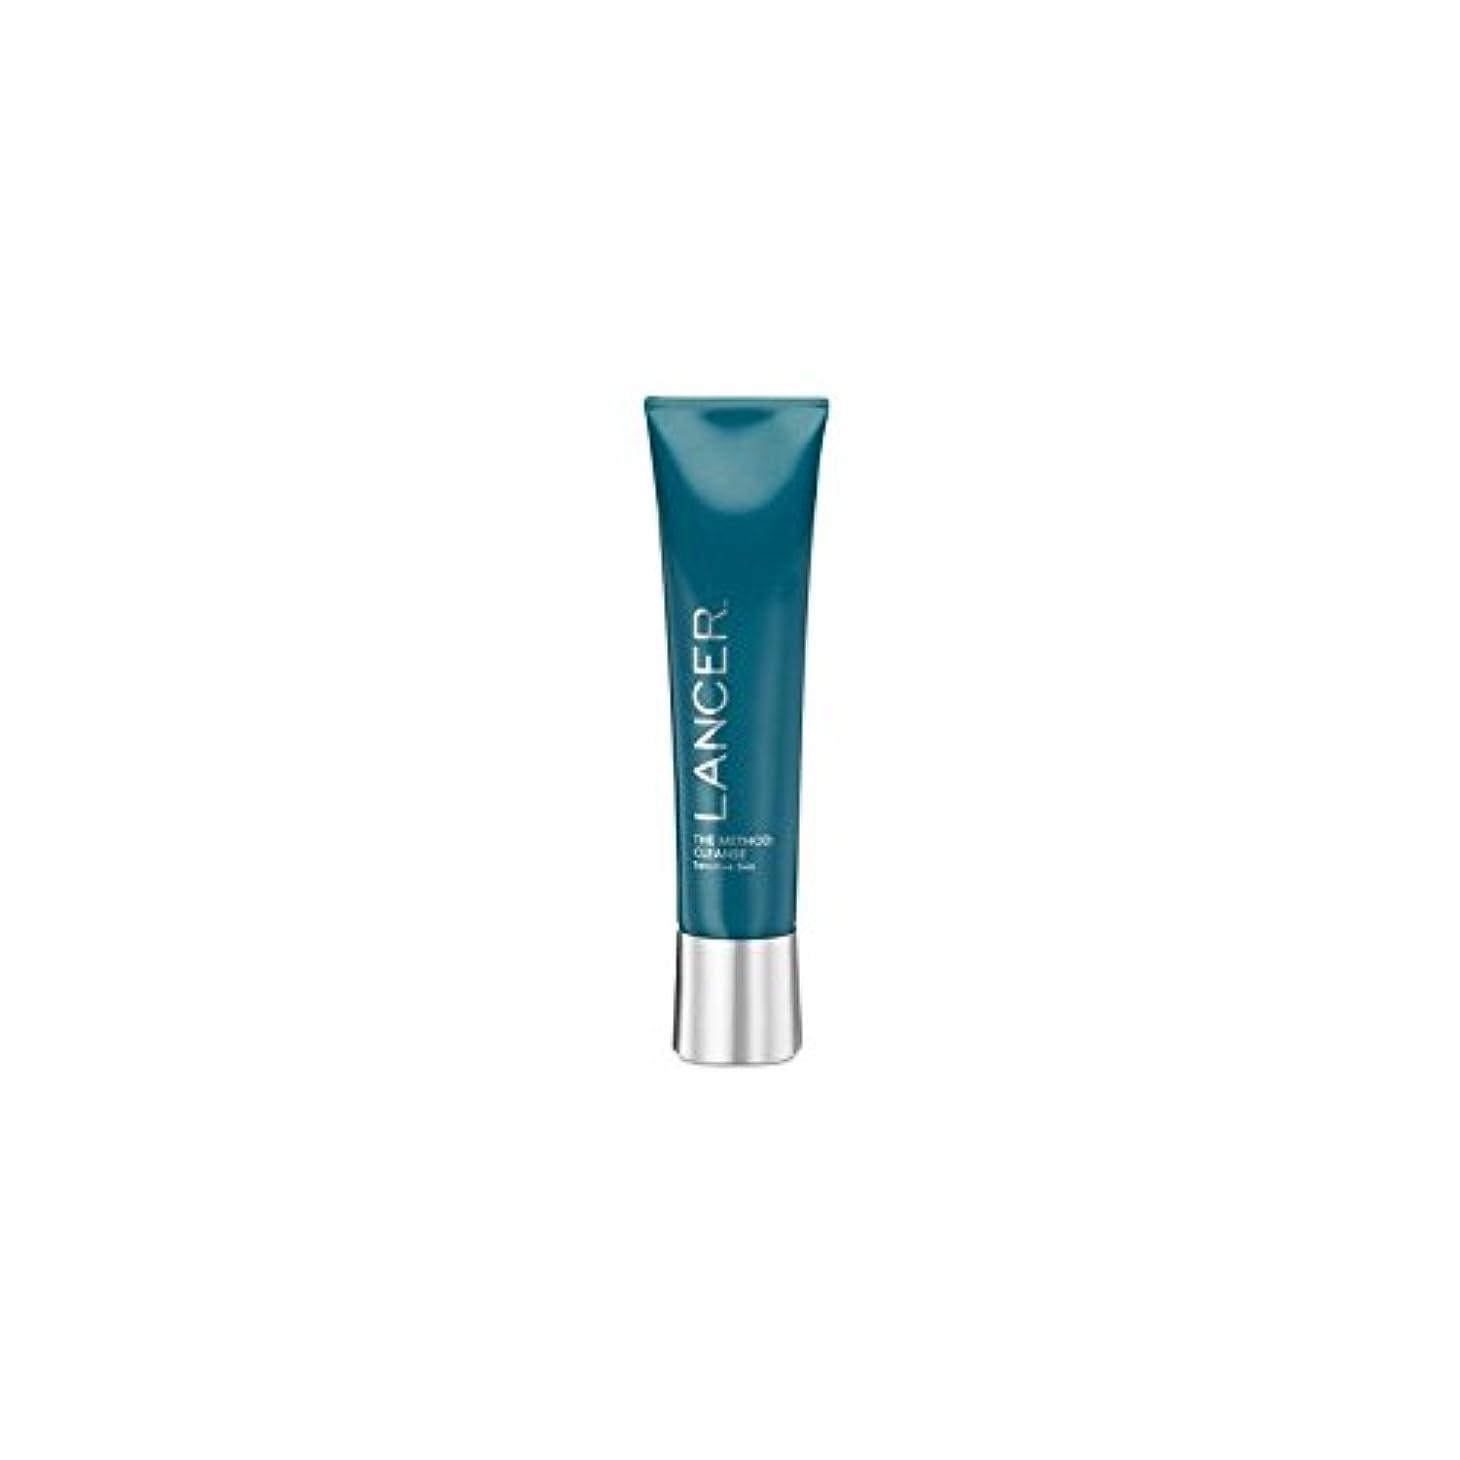 賭けスロベニアスクラップLancer Skincare The Method: Cleanser Sensitive Skin (120ml) (Pack of 6) - クレンザー敏感肌(120ミリリットル):ランサーは、メソッドをスキンケア...